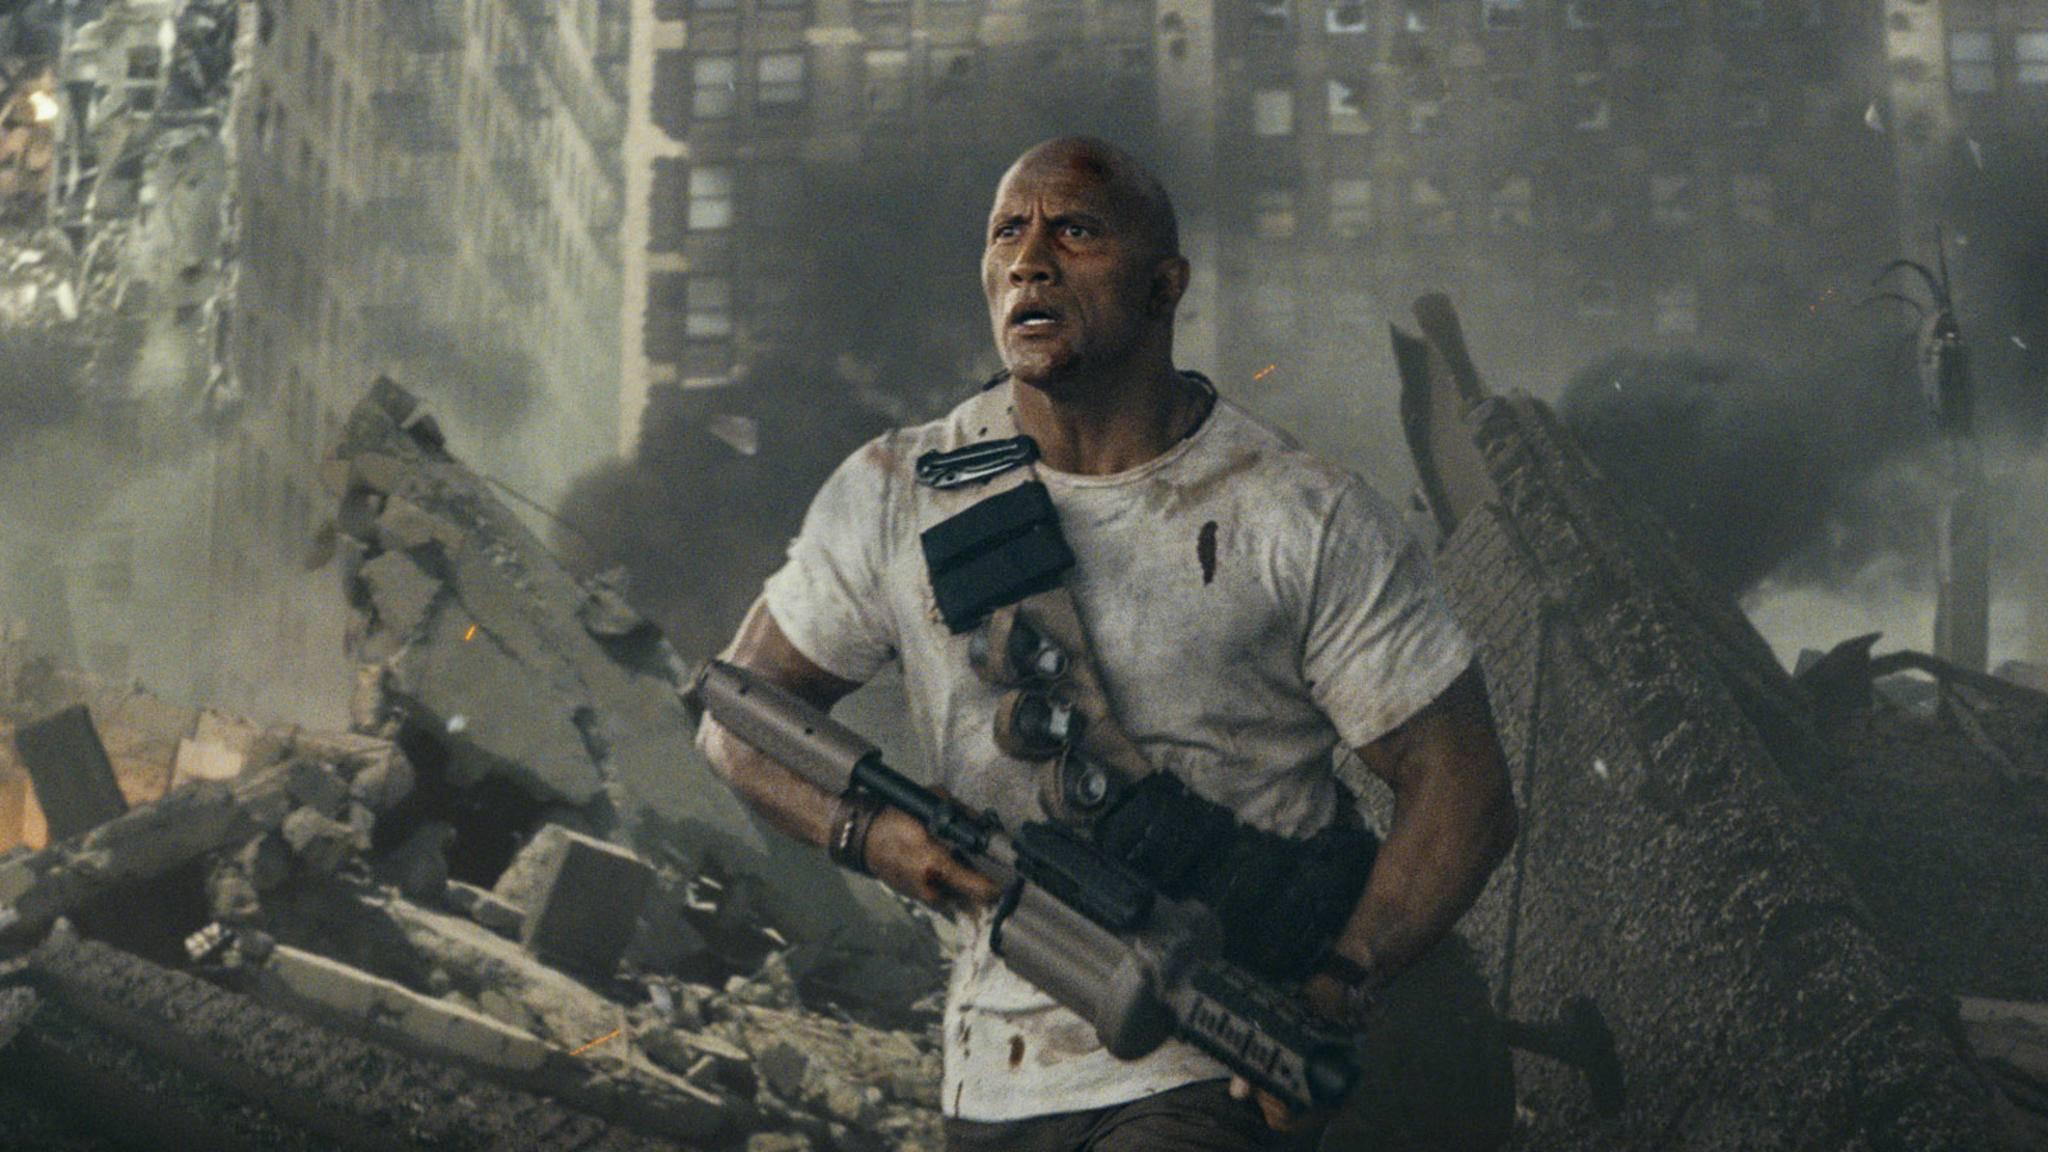 """Geballte Action erwartet Zuschauer in den Trailern zu """"Rampage"""" (hier mit Dwayne Johnson) und """"Avengers: Infinity War""""."""